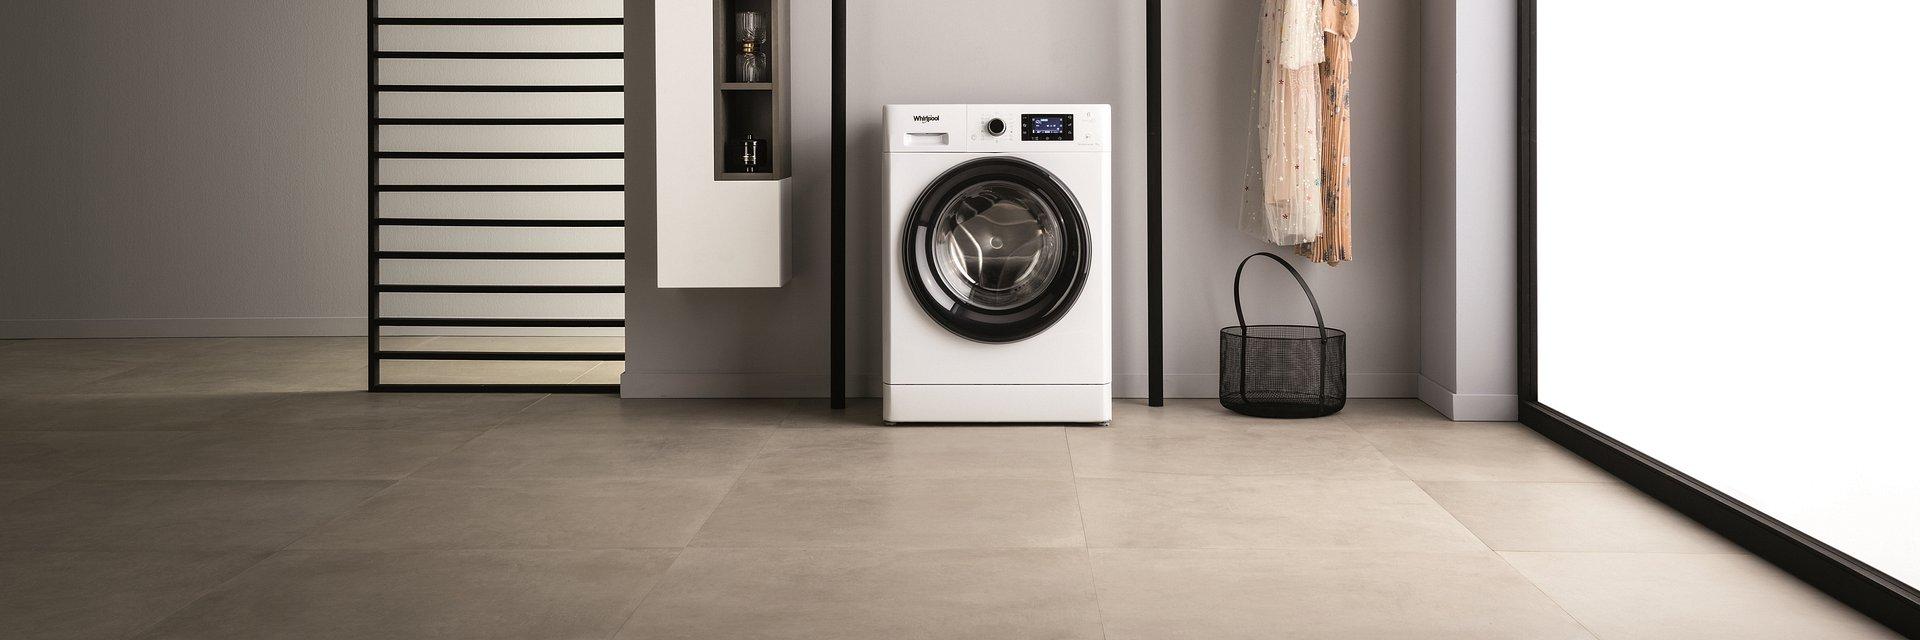 Nowa pralka Whirlpool FreshCare+ z odświeżonym designem – zapewni świeżość twoim ubraniom!